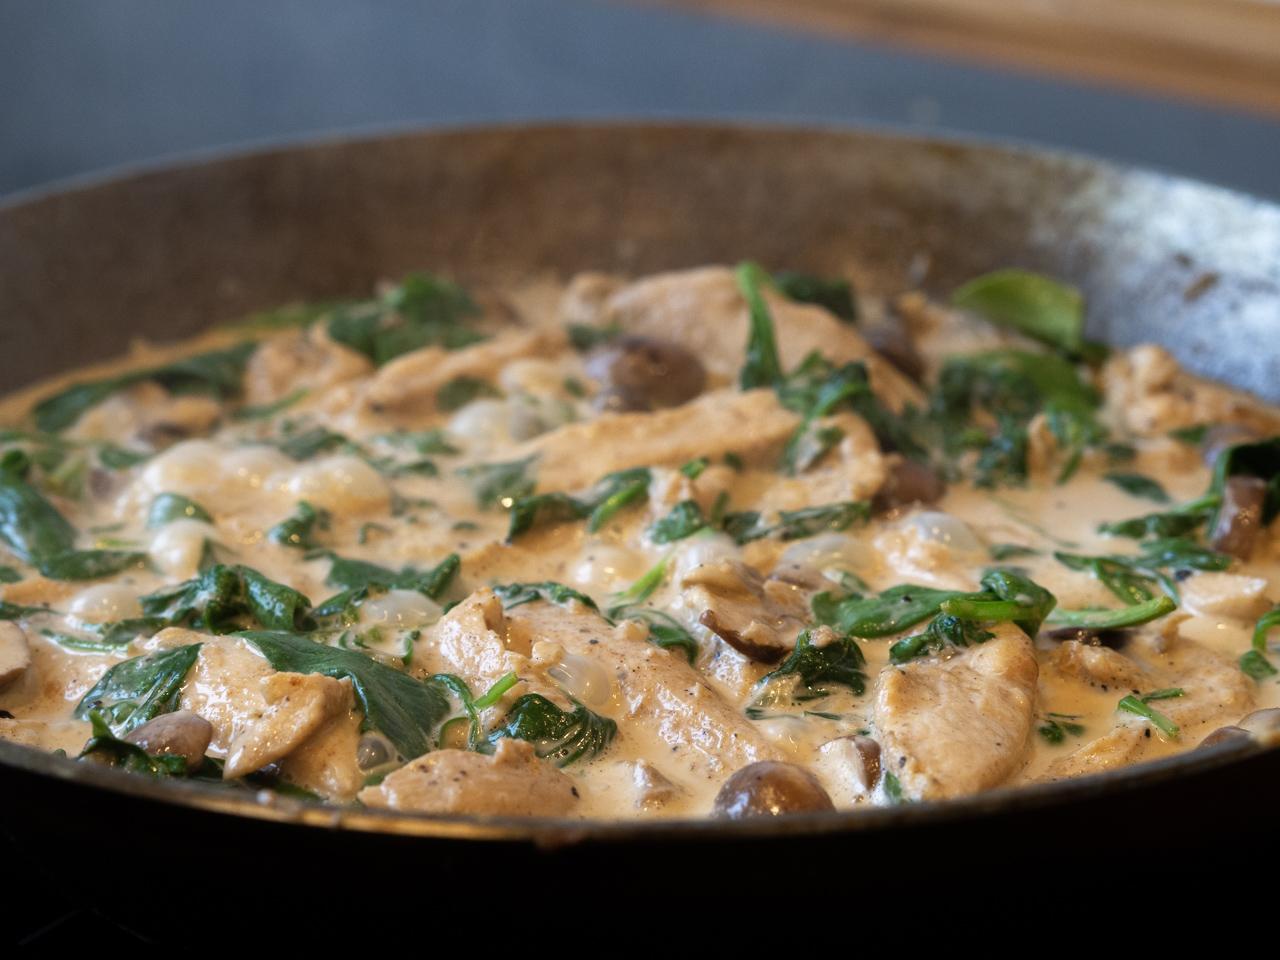 Opskrift på sunde fyldte pandekager med kylling, spinat og svampe